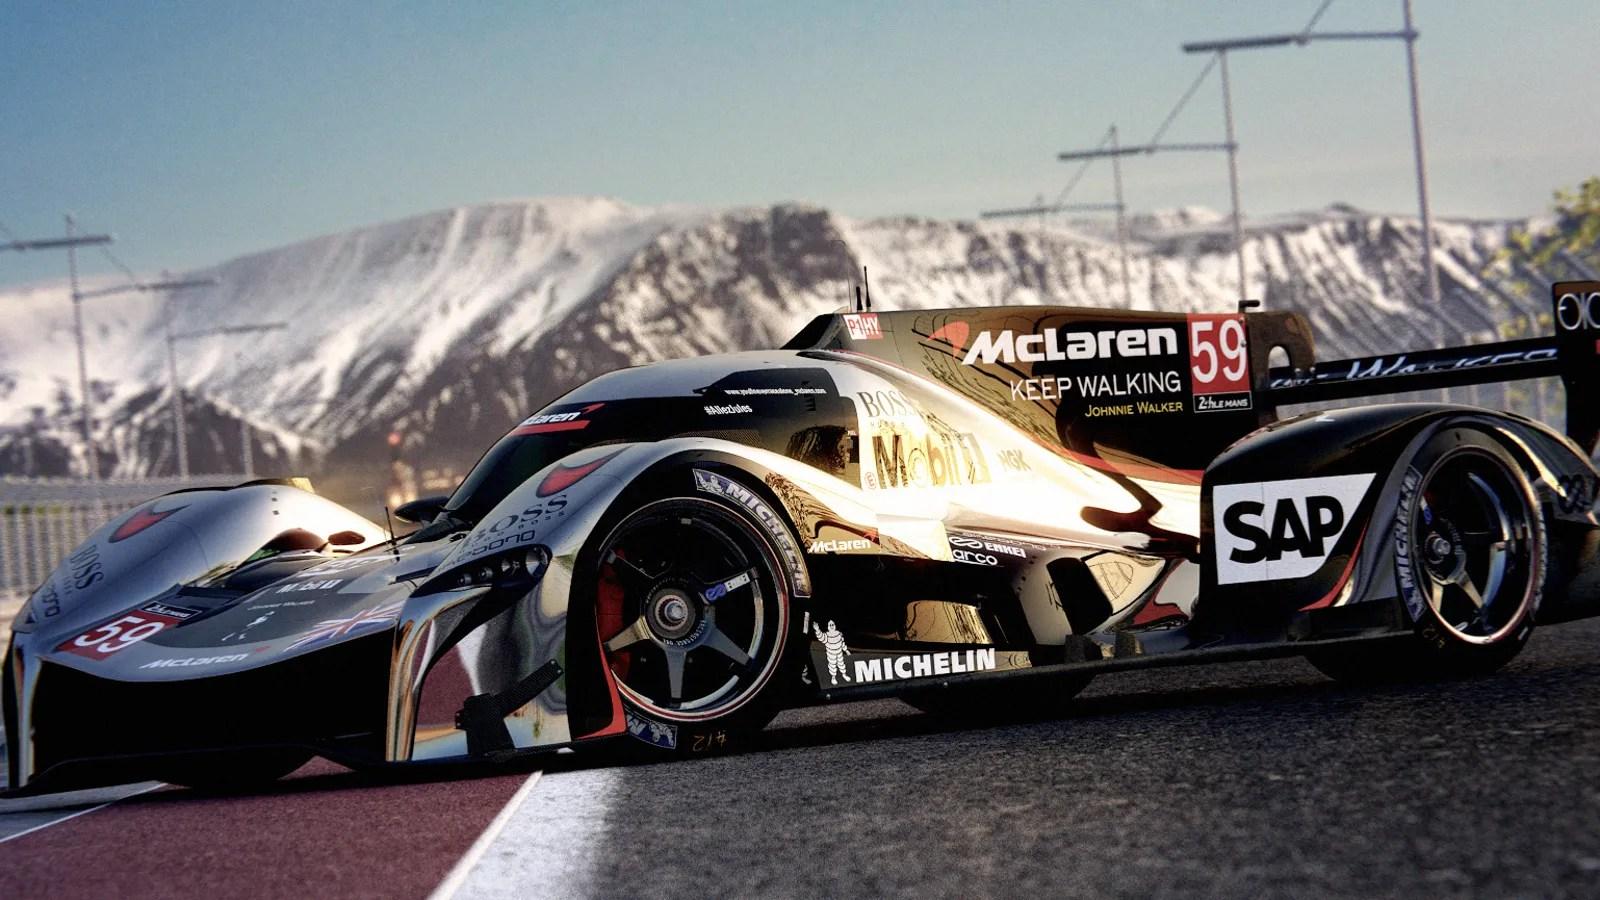 Aai 3d Wallpaper The Alternate Future Where Mclaren Races At Le Mans Would